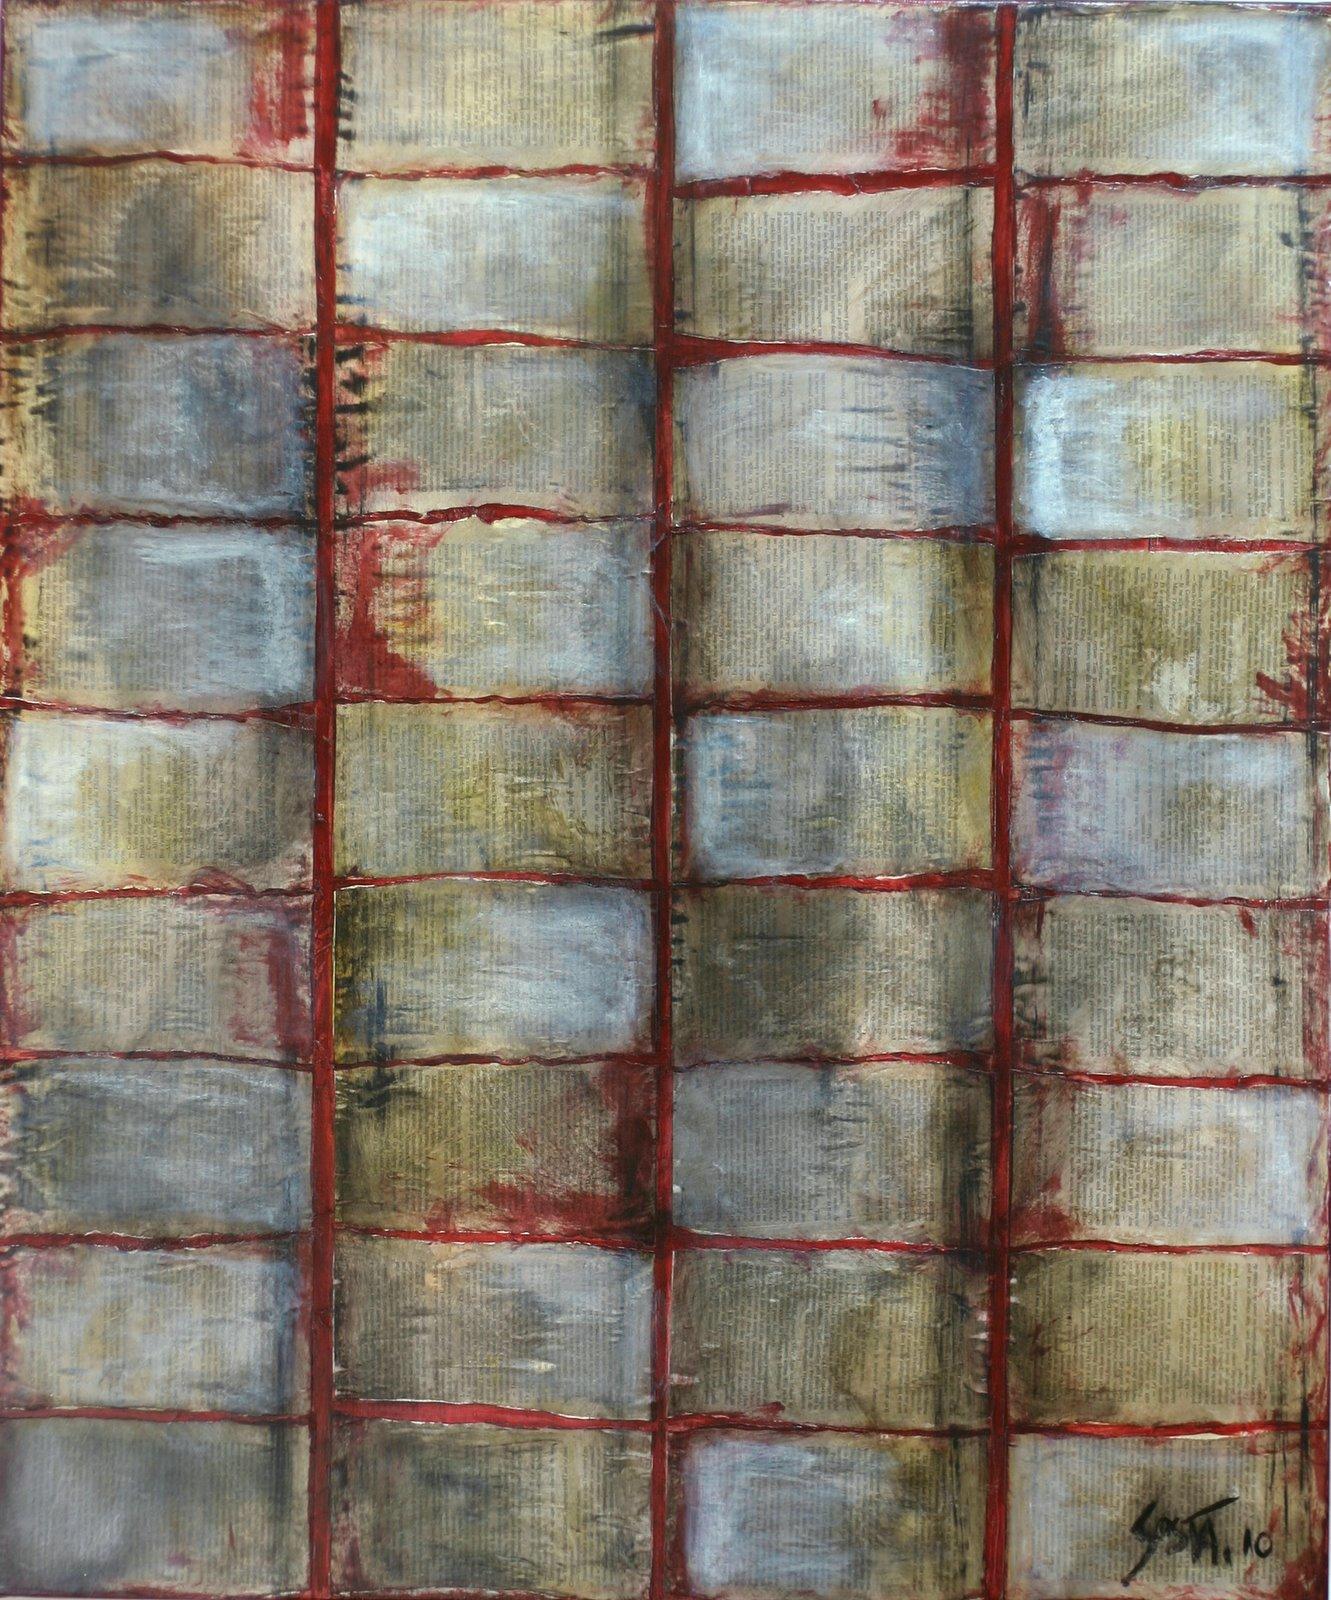 Tableau Contemporain, INCEPTION 02. Sophie Costa, artiste peintre.